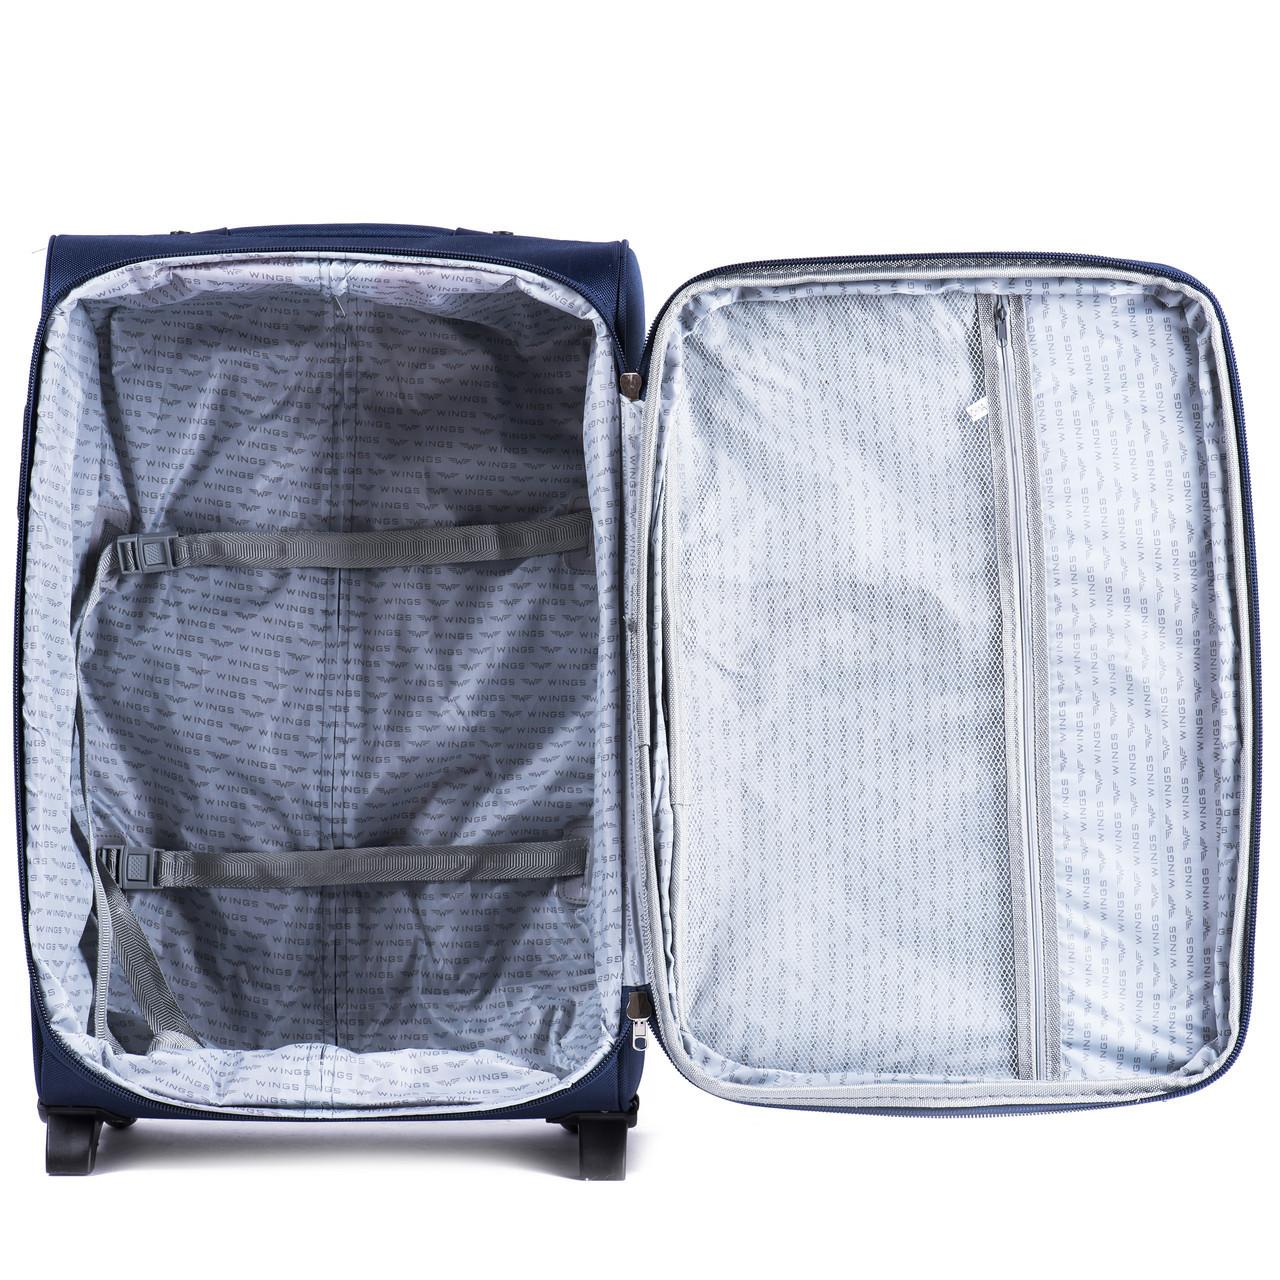 Средний тканевый чемодан Wings 1706 на 2 колесах  продажа, цена в ... f23538c8bdf